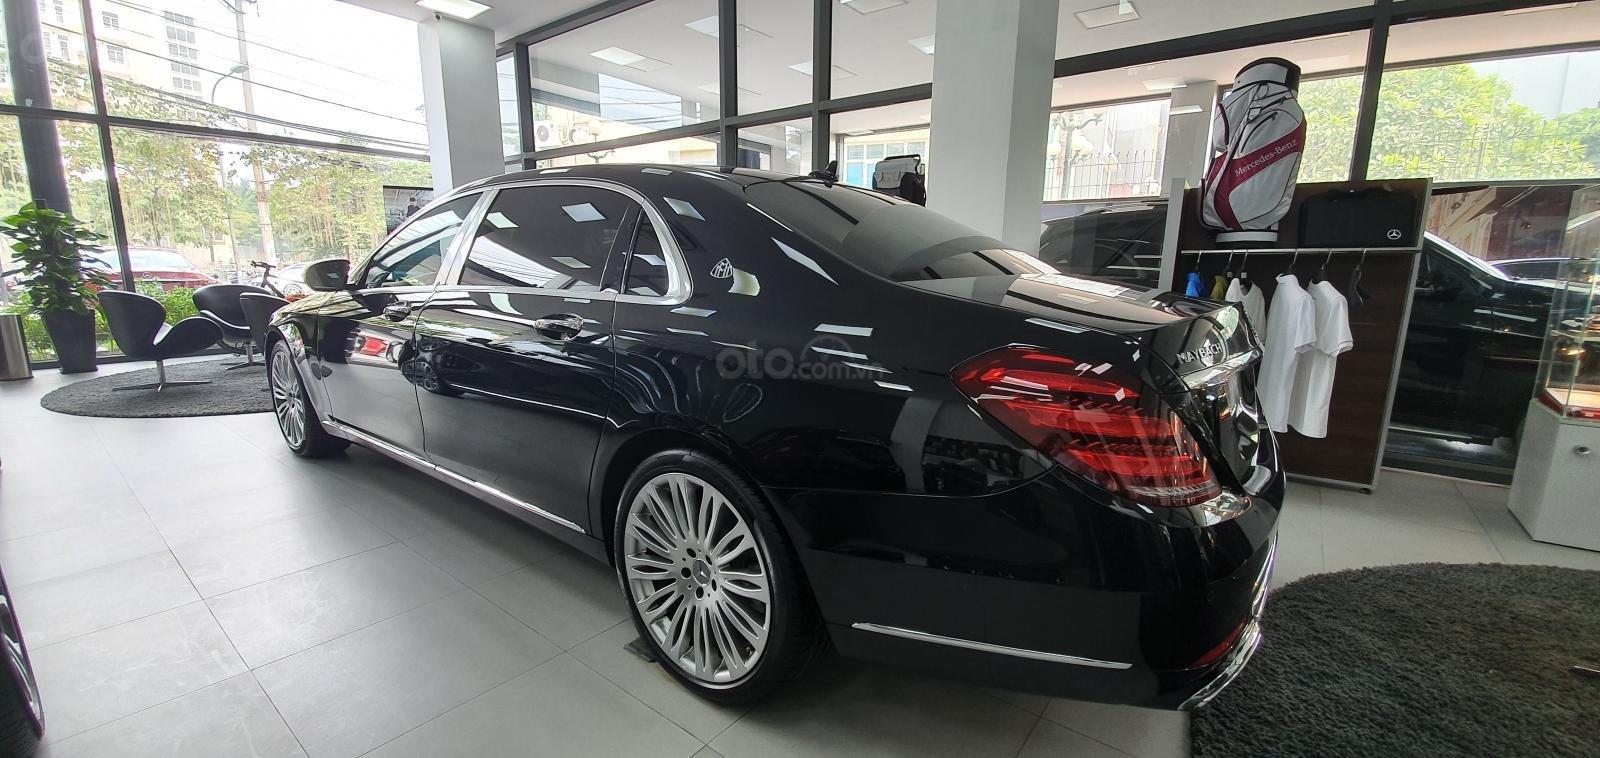 Mercedes-Benz Maybach S450 đời 2019 nhập khẩu, xe giao ngay khuyến mãi lớn, liên hệ 0913332288 (8)